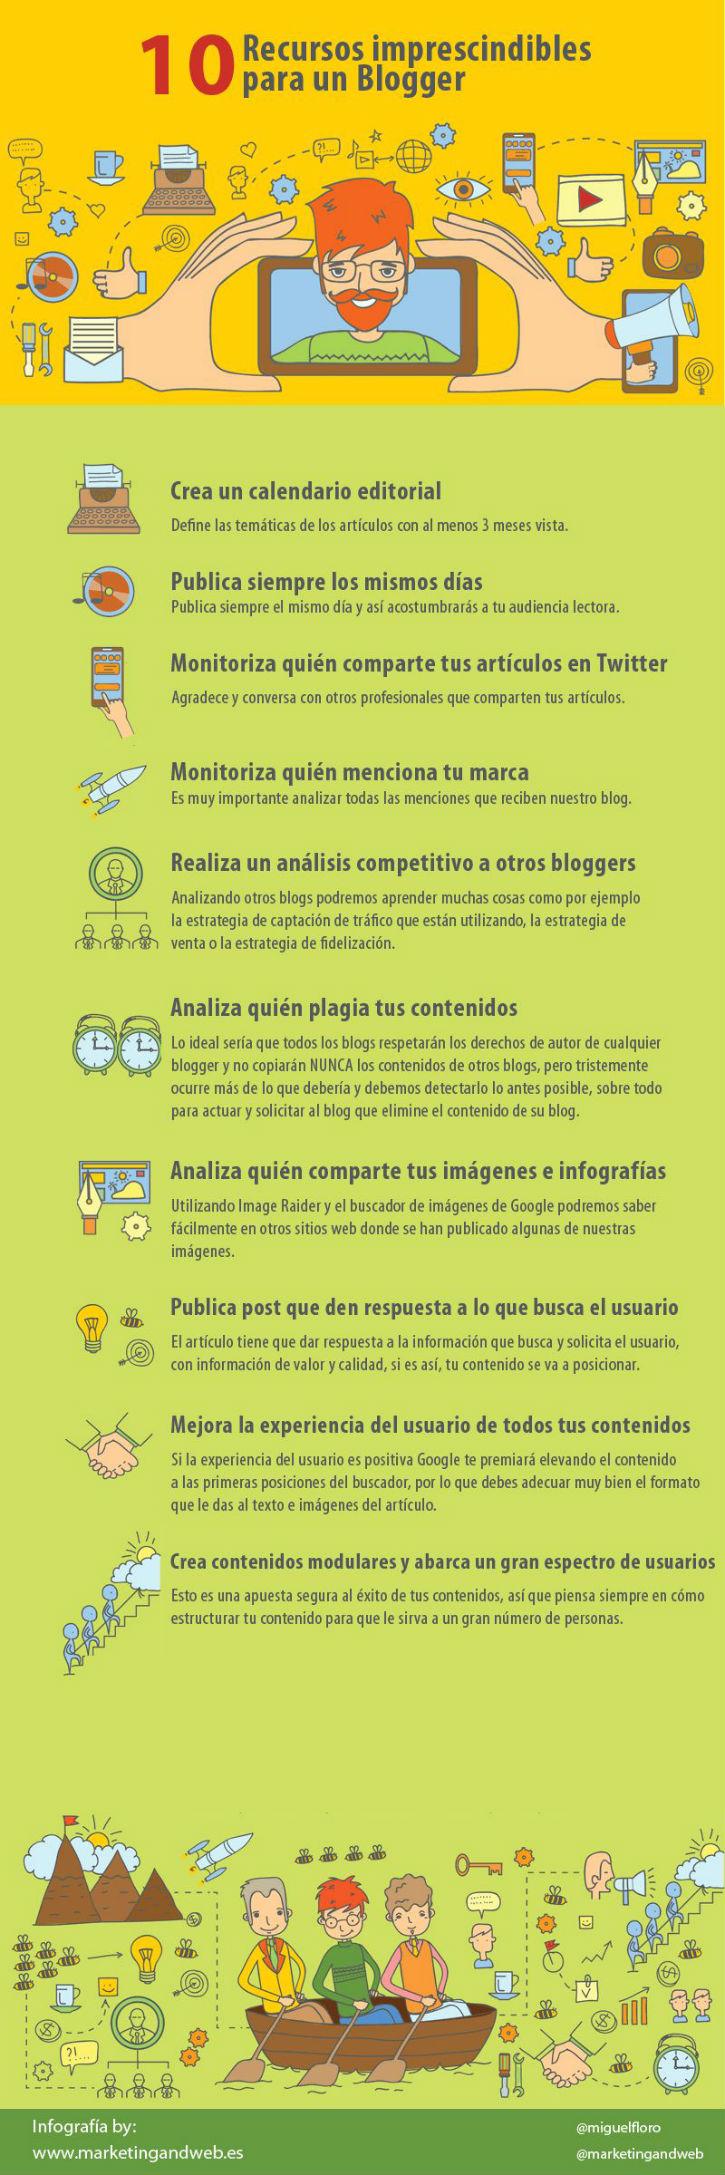 Los diez recursos que necesita un bloguero de éxito